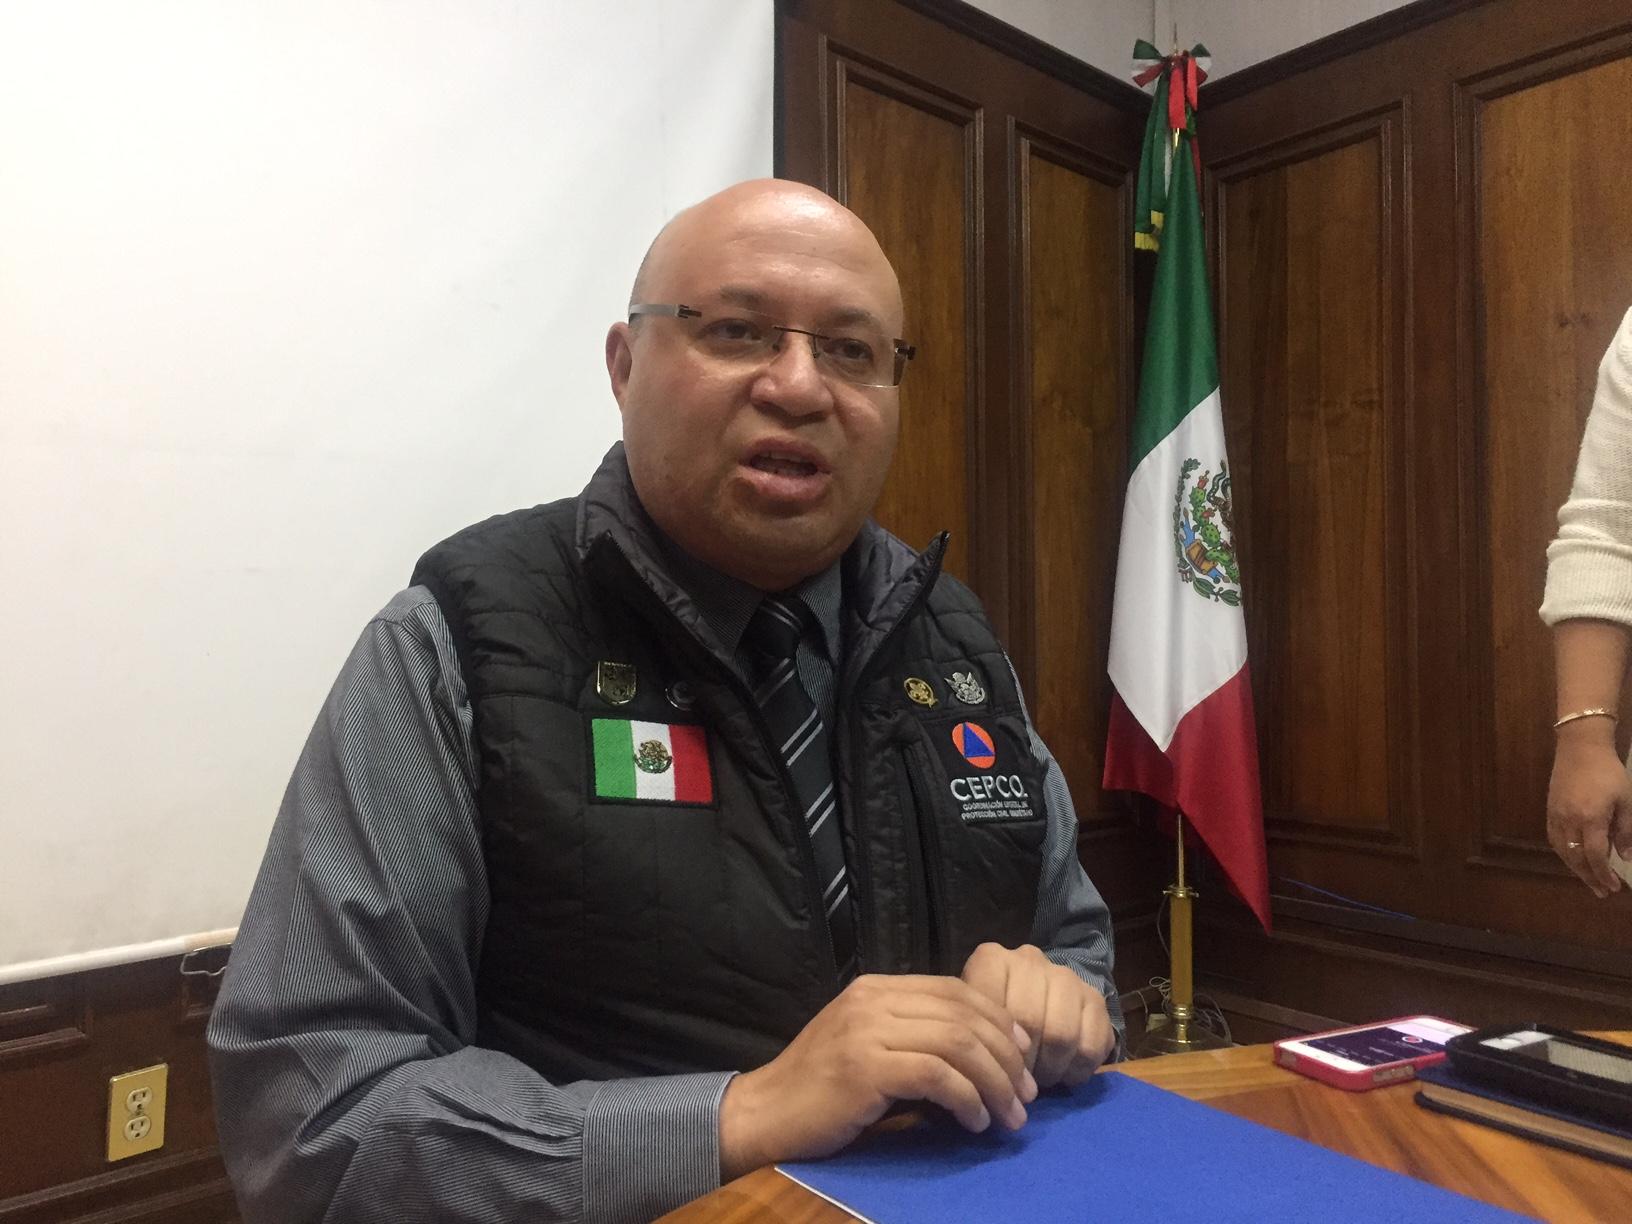 Protección Civil Estatal realizará simulacro de contingencia el próximo 19 de septiembre